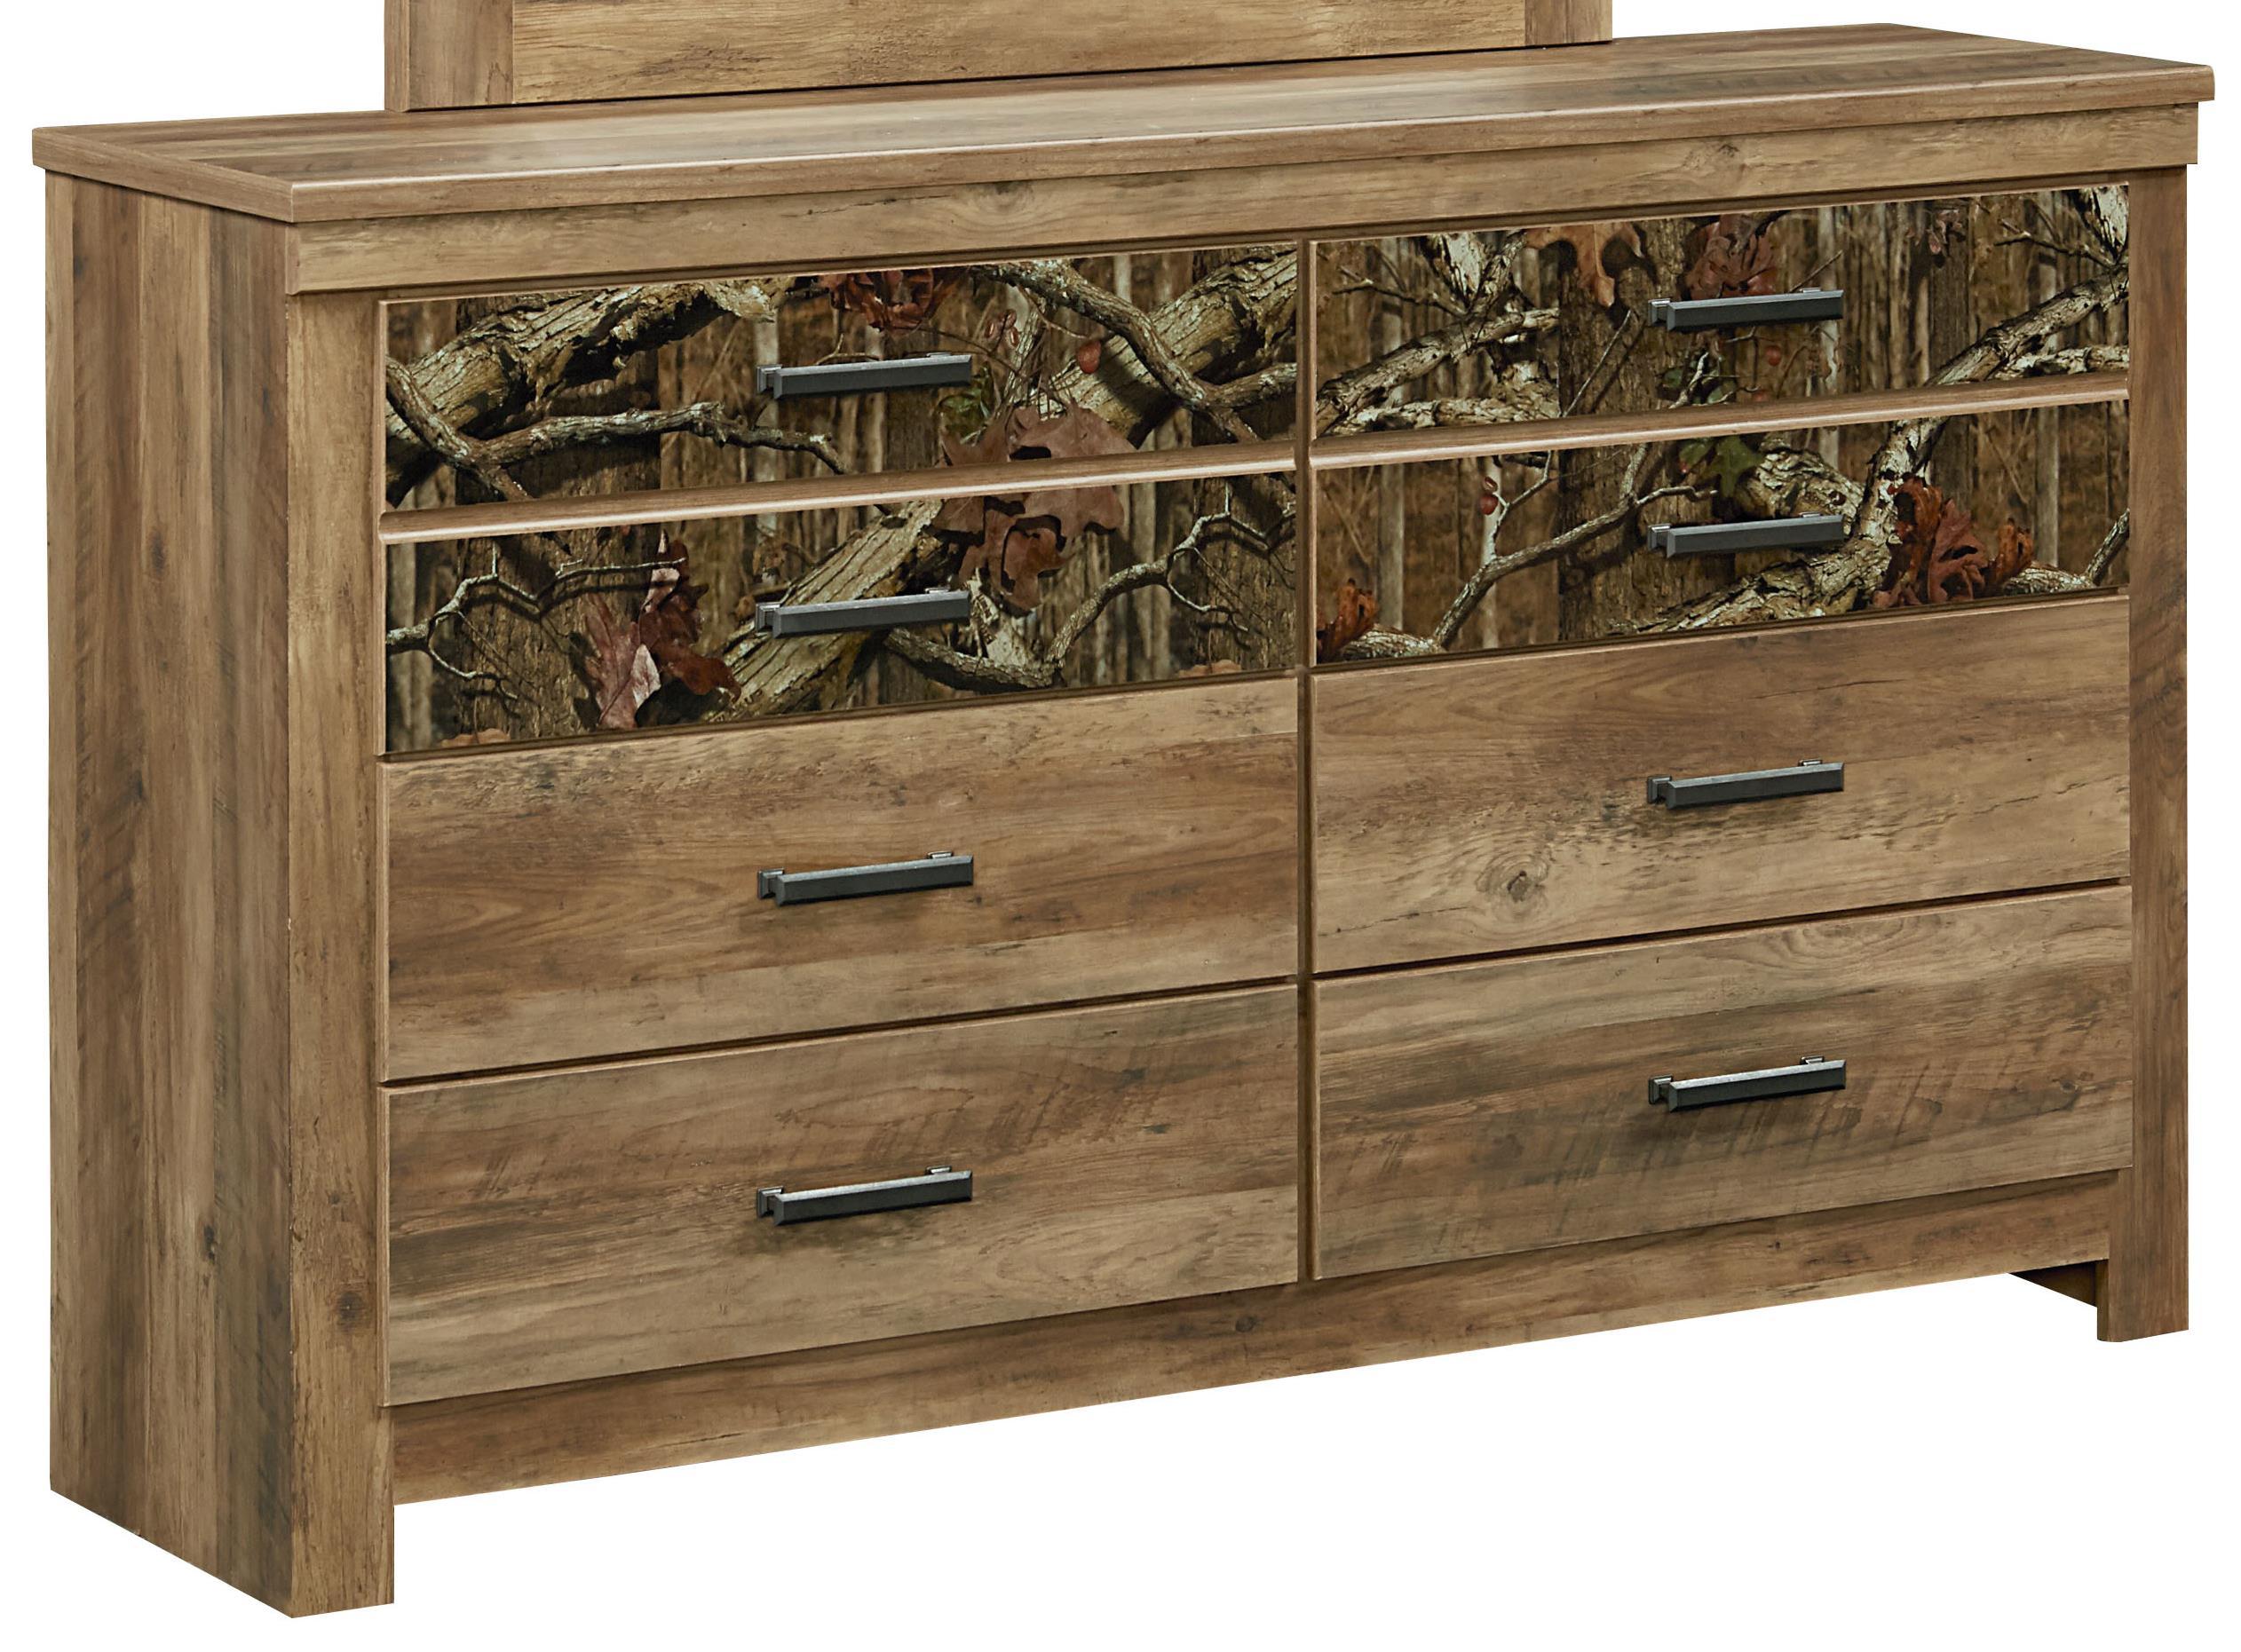 Standard Furniture Habitat Dresser                   - Item Number: 55459